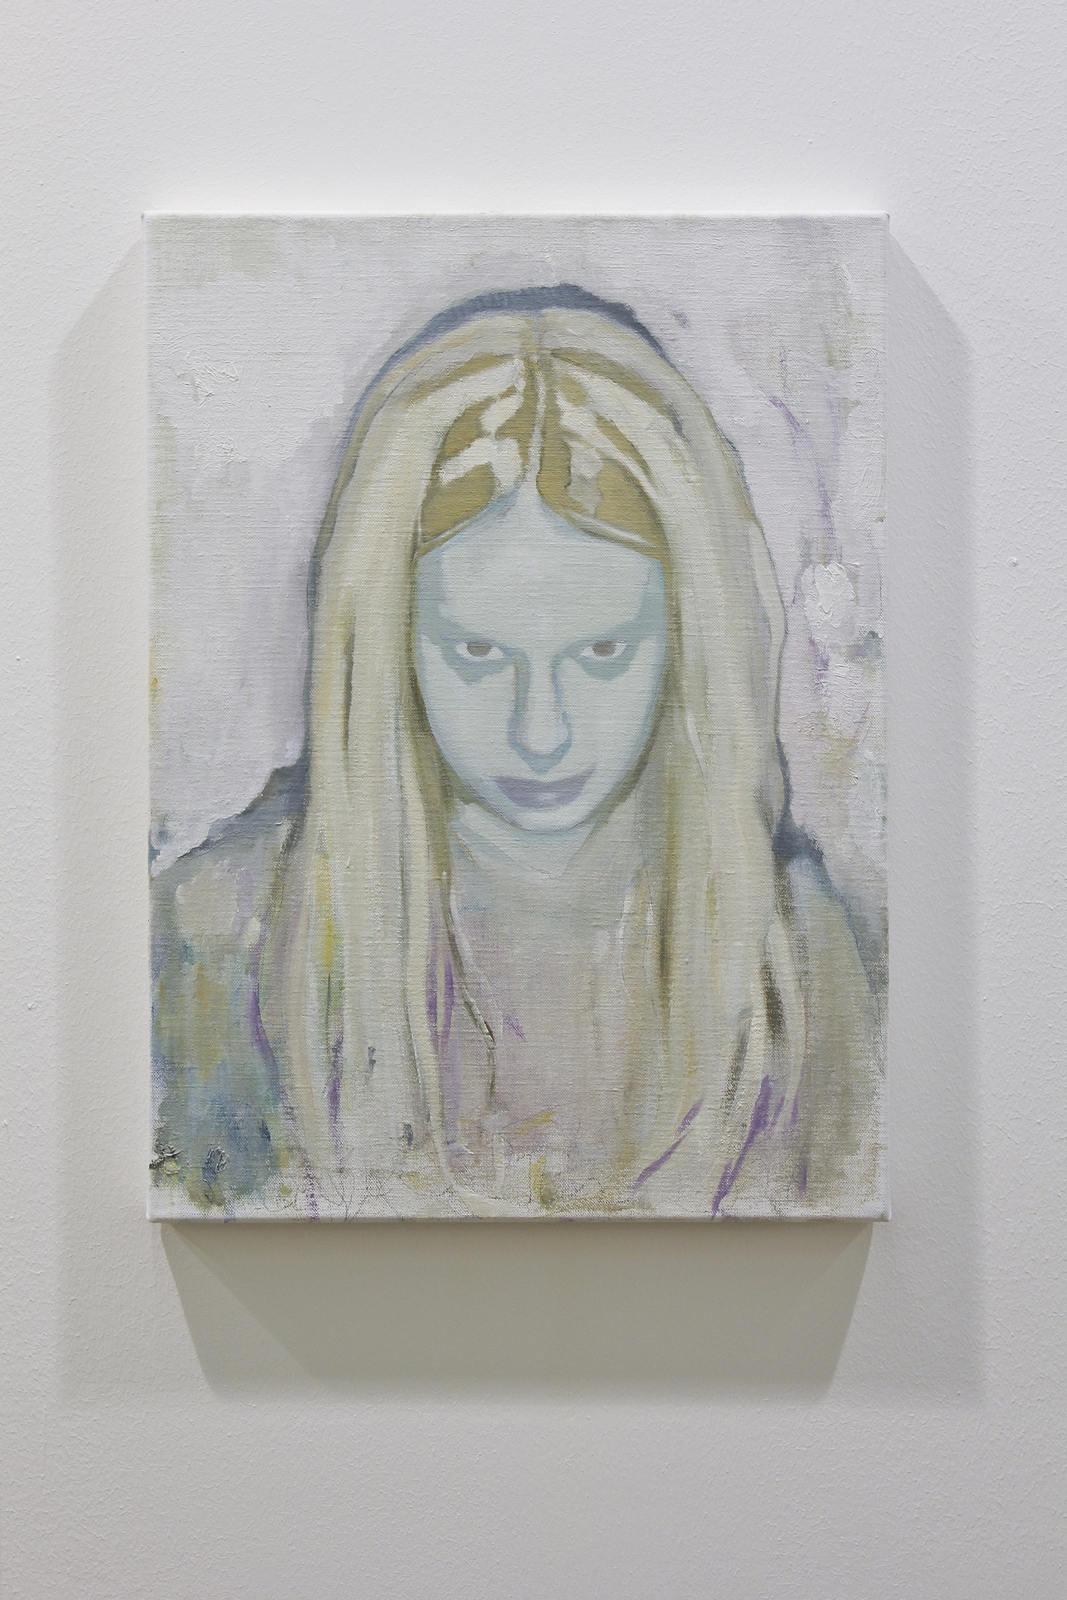 Glenn Sorensen at Annet Gelink Gallery 01